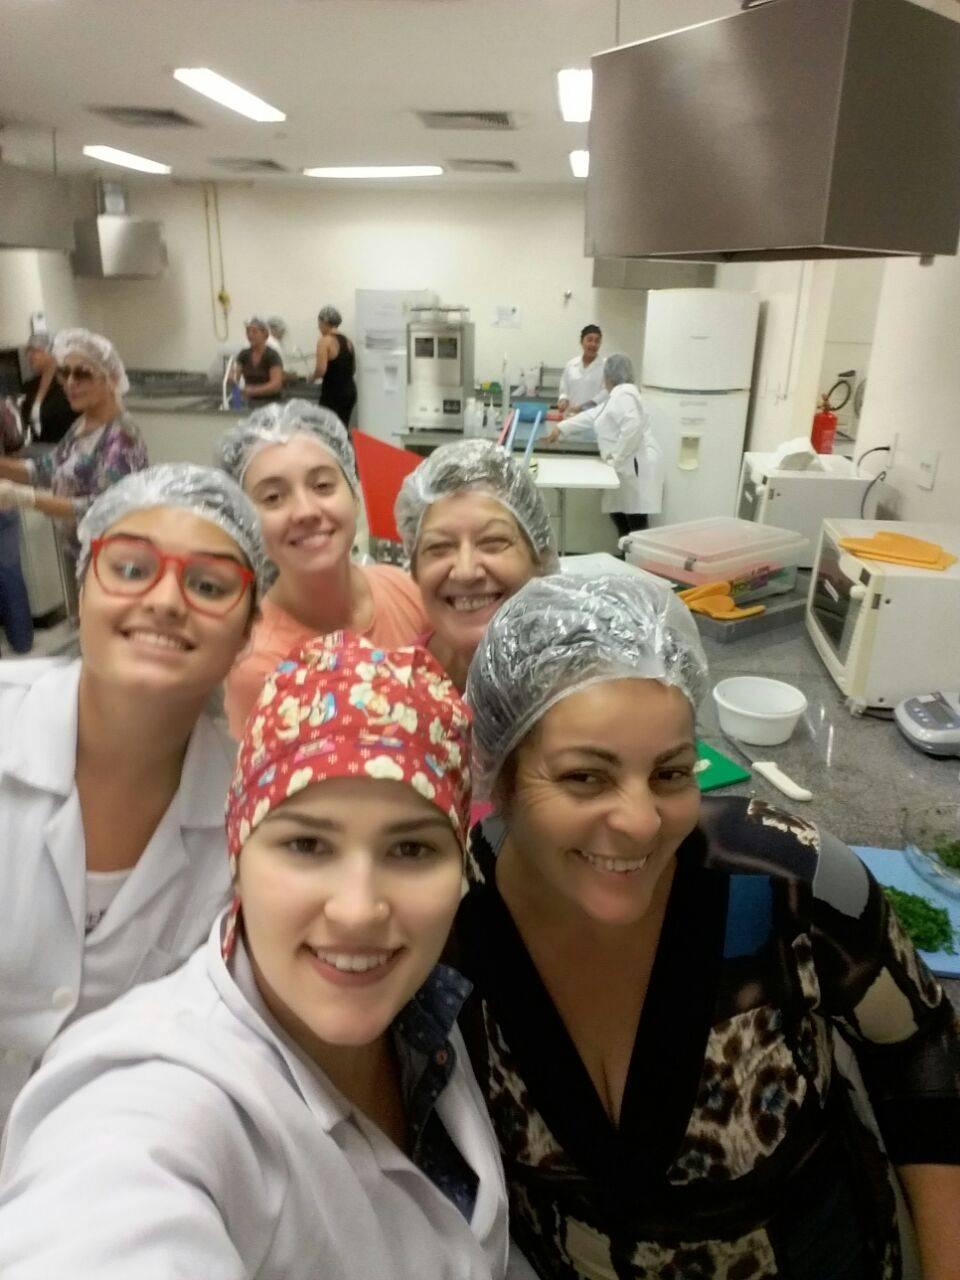 Oficina de culinária com alimentação saudável na Cozinha Industrial da Unifesp